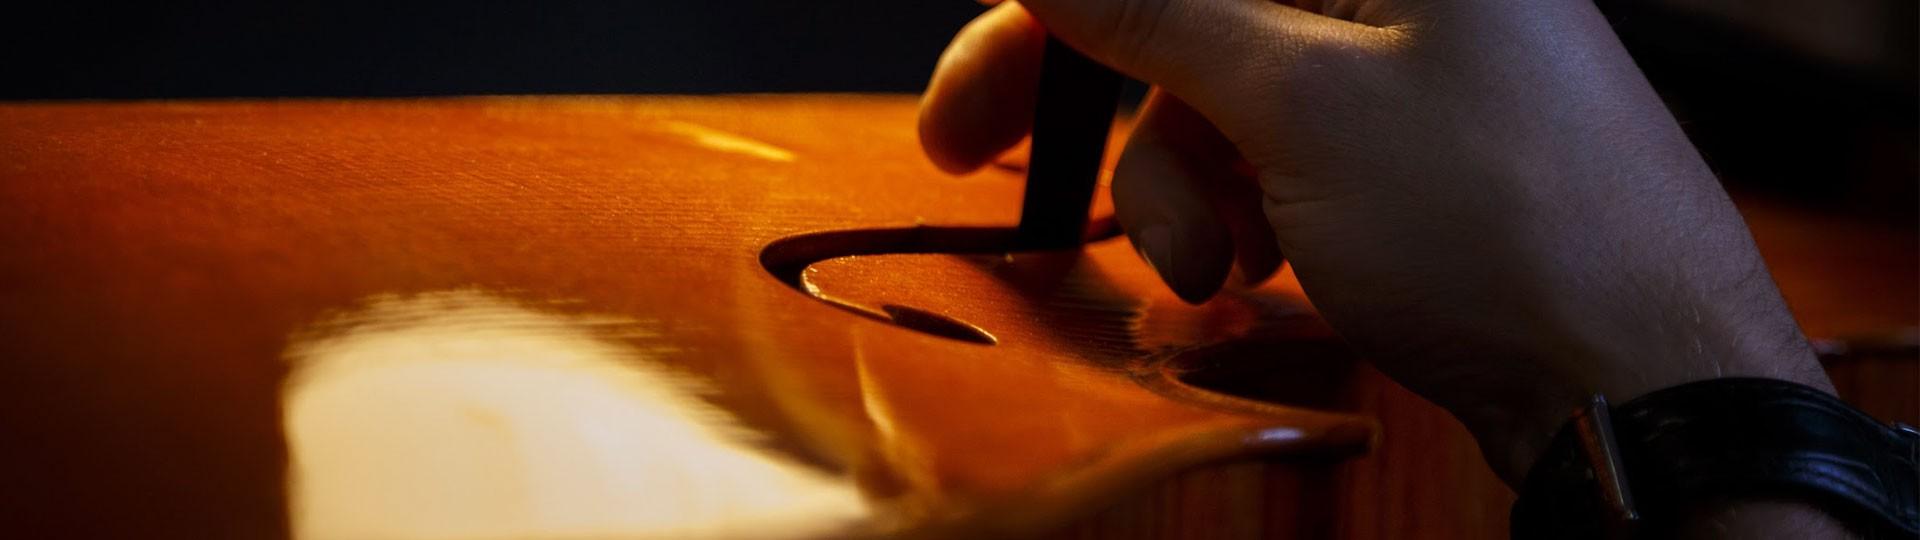 Instrumentos perfectamente ajustados en sonido y comodidad